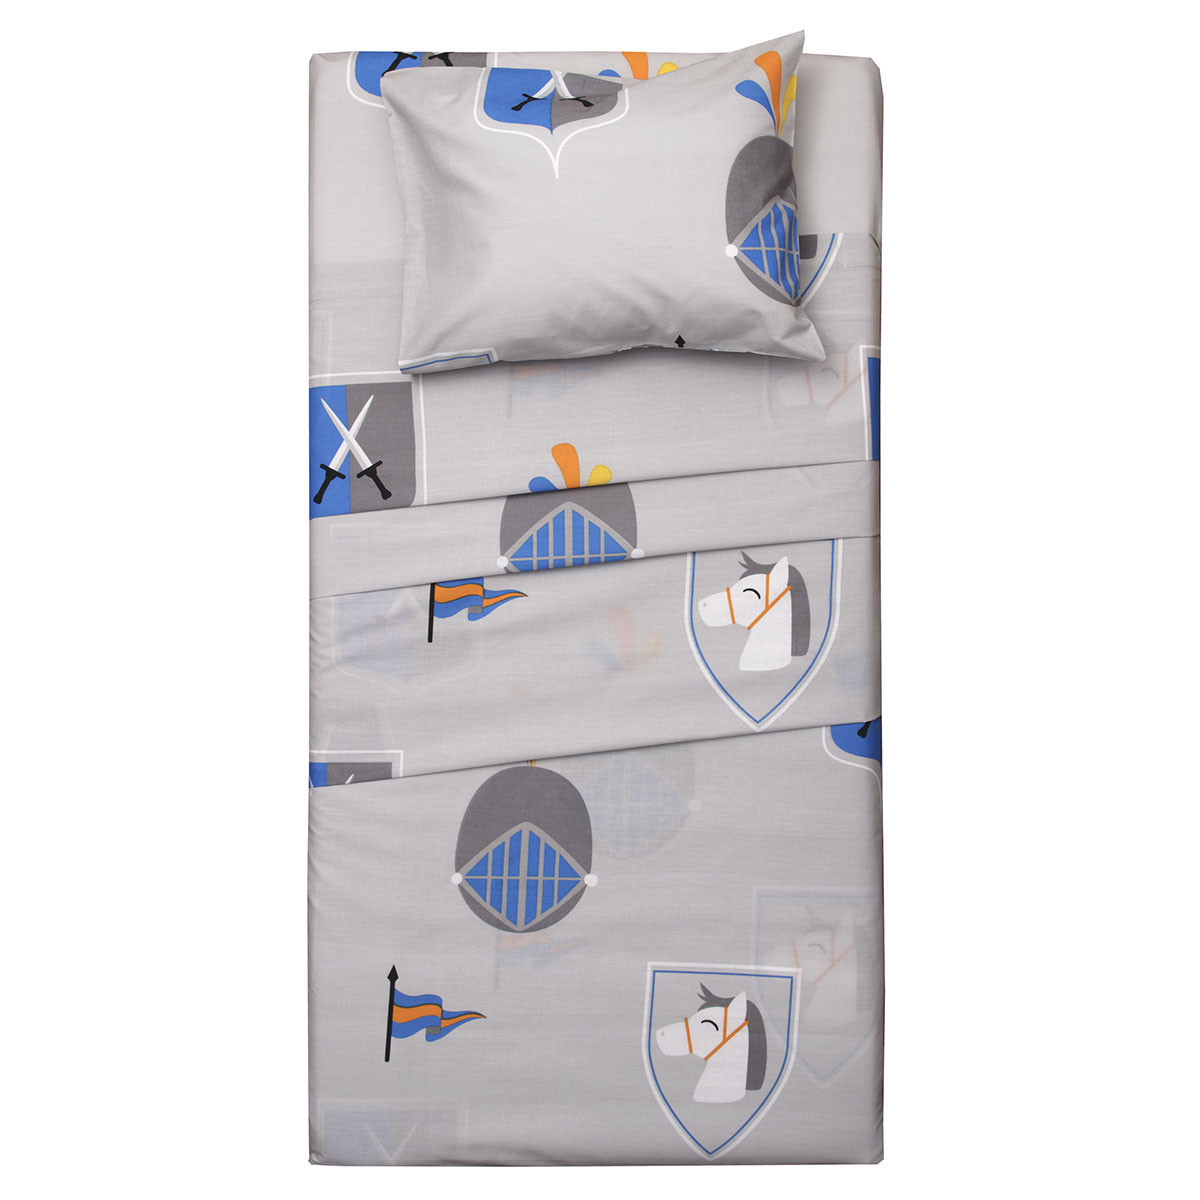 Πάπλωμα Ημίδιπλο (Σετ) Viopros Kids Cotton Έκτορ